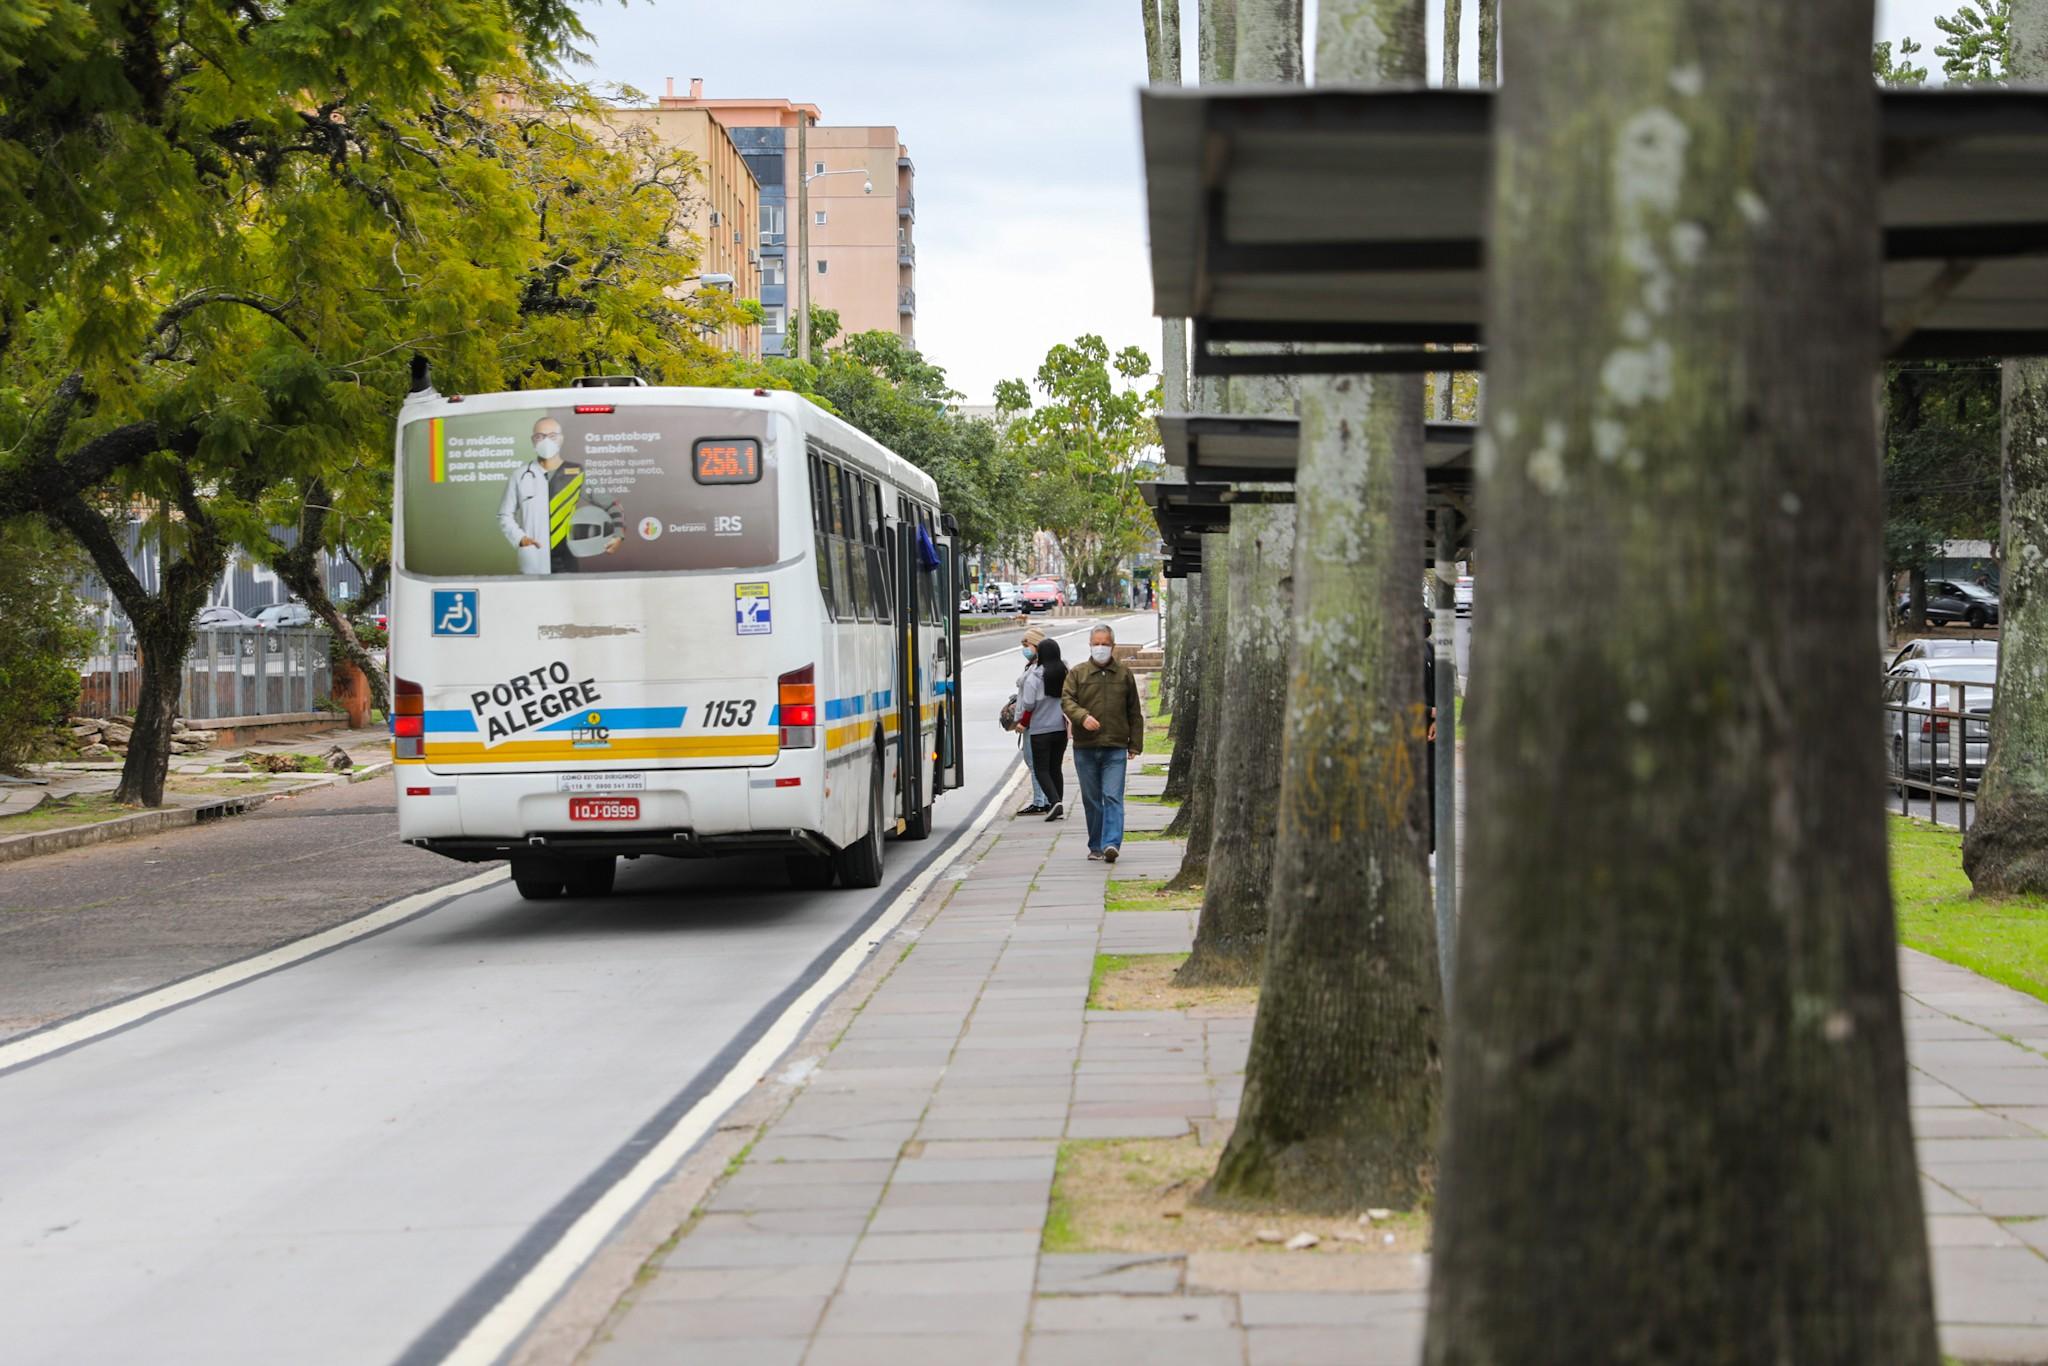 Prefeitura de Porto Alegre amplia horários de linhas de ônibus; veja mudanças